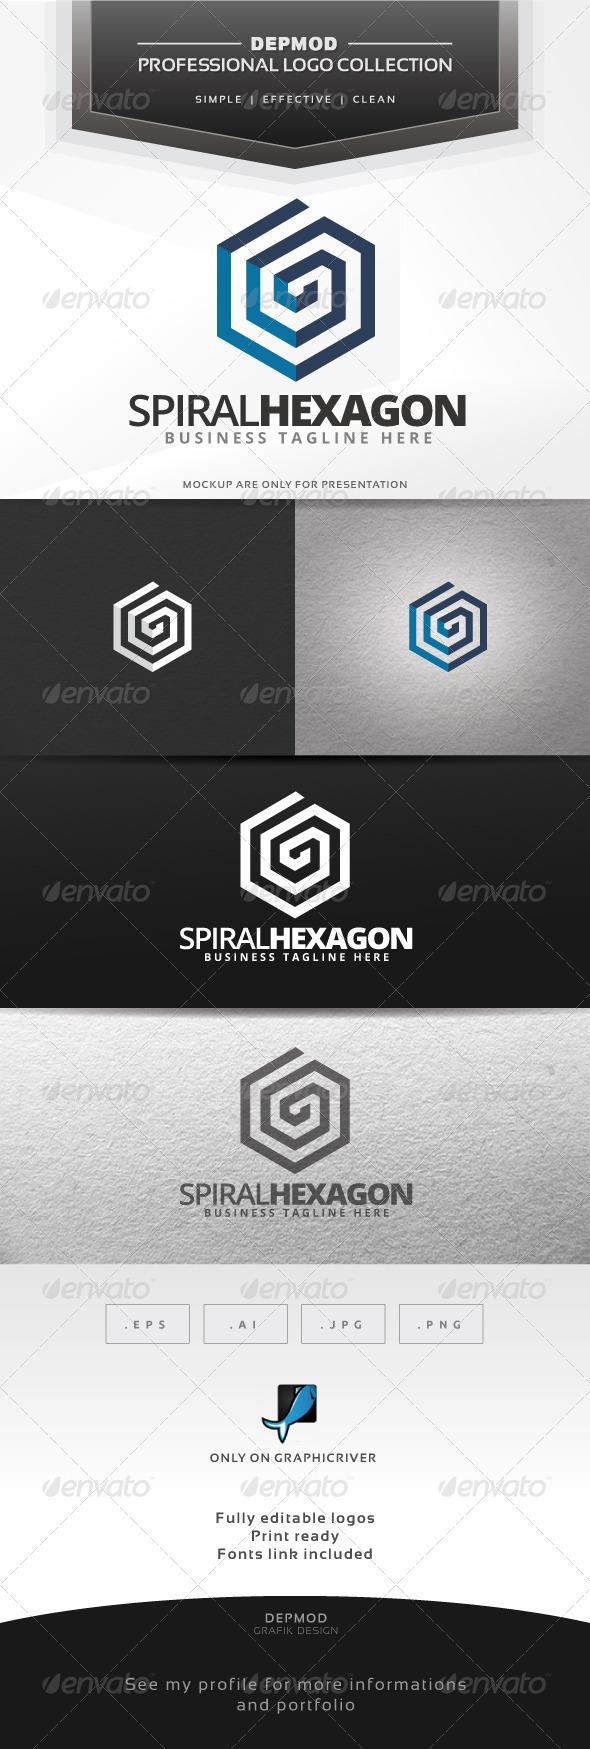 Spiral Hexagon Logo - Abstract Logo Templates